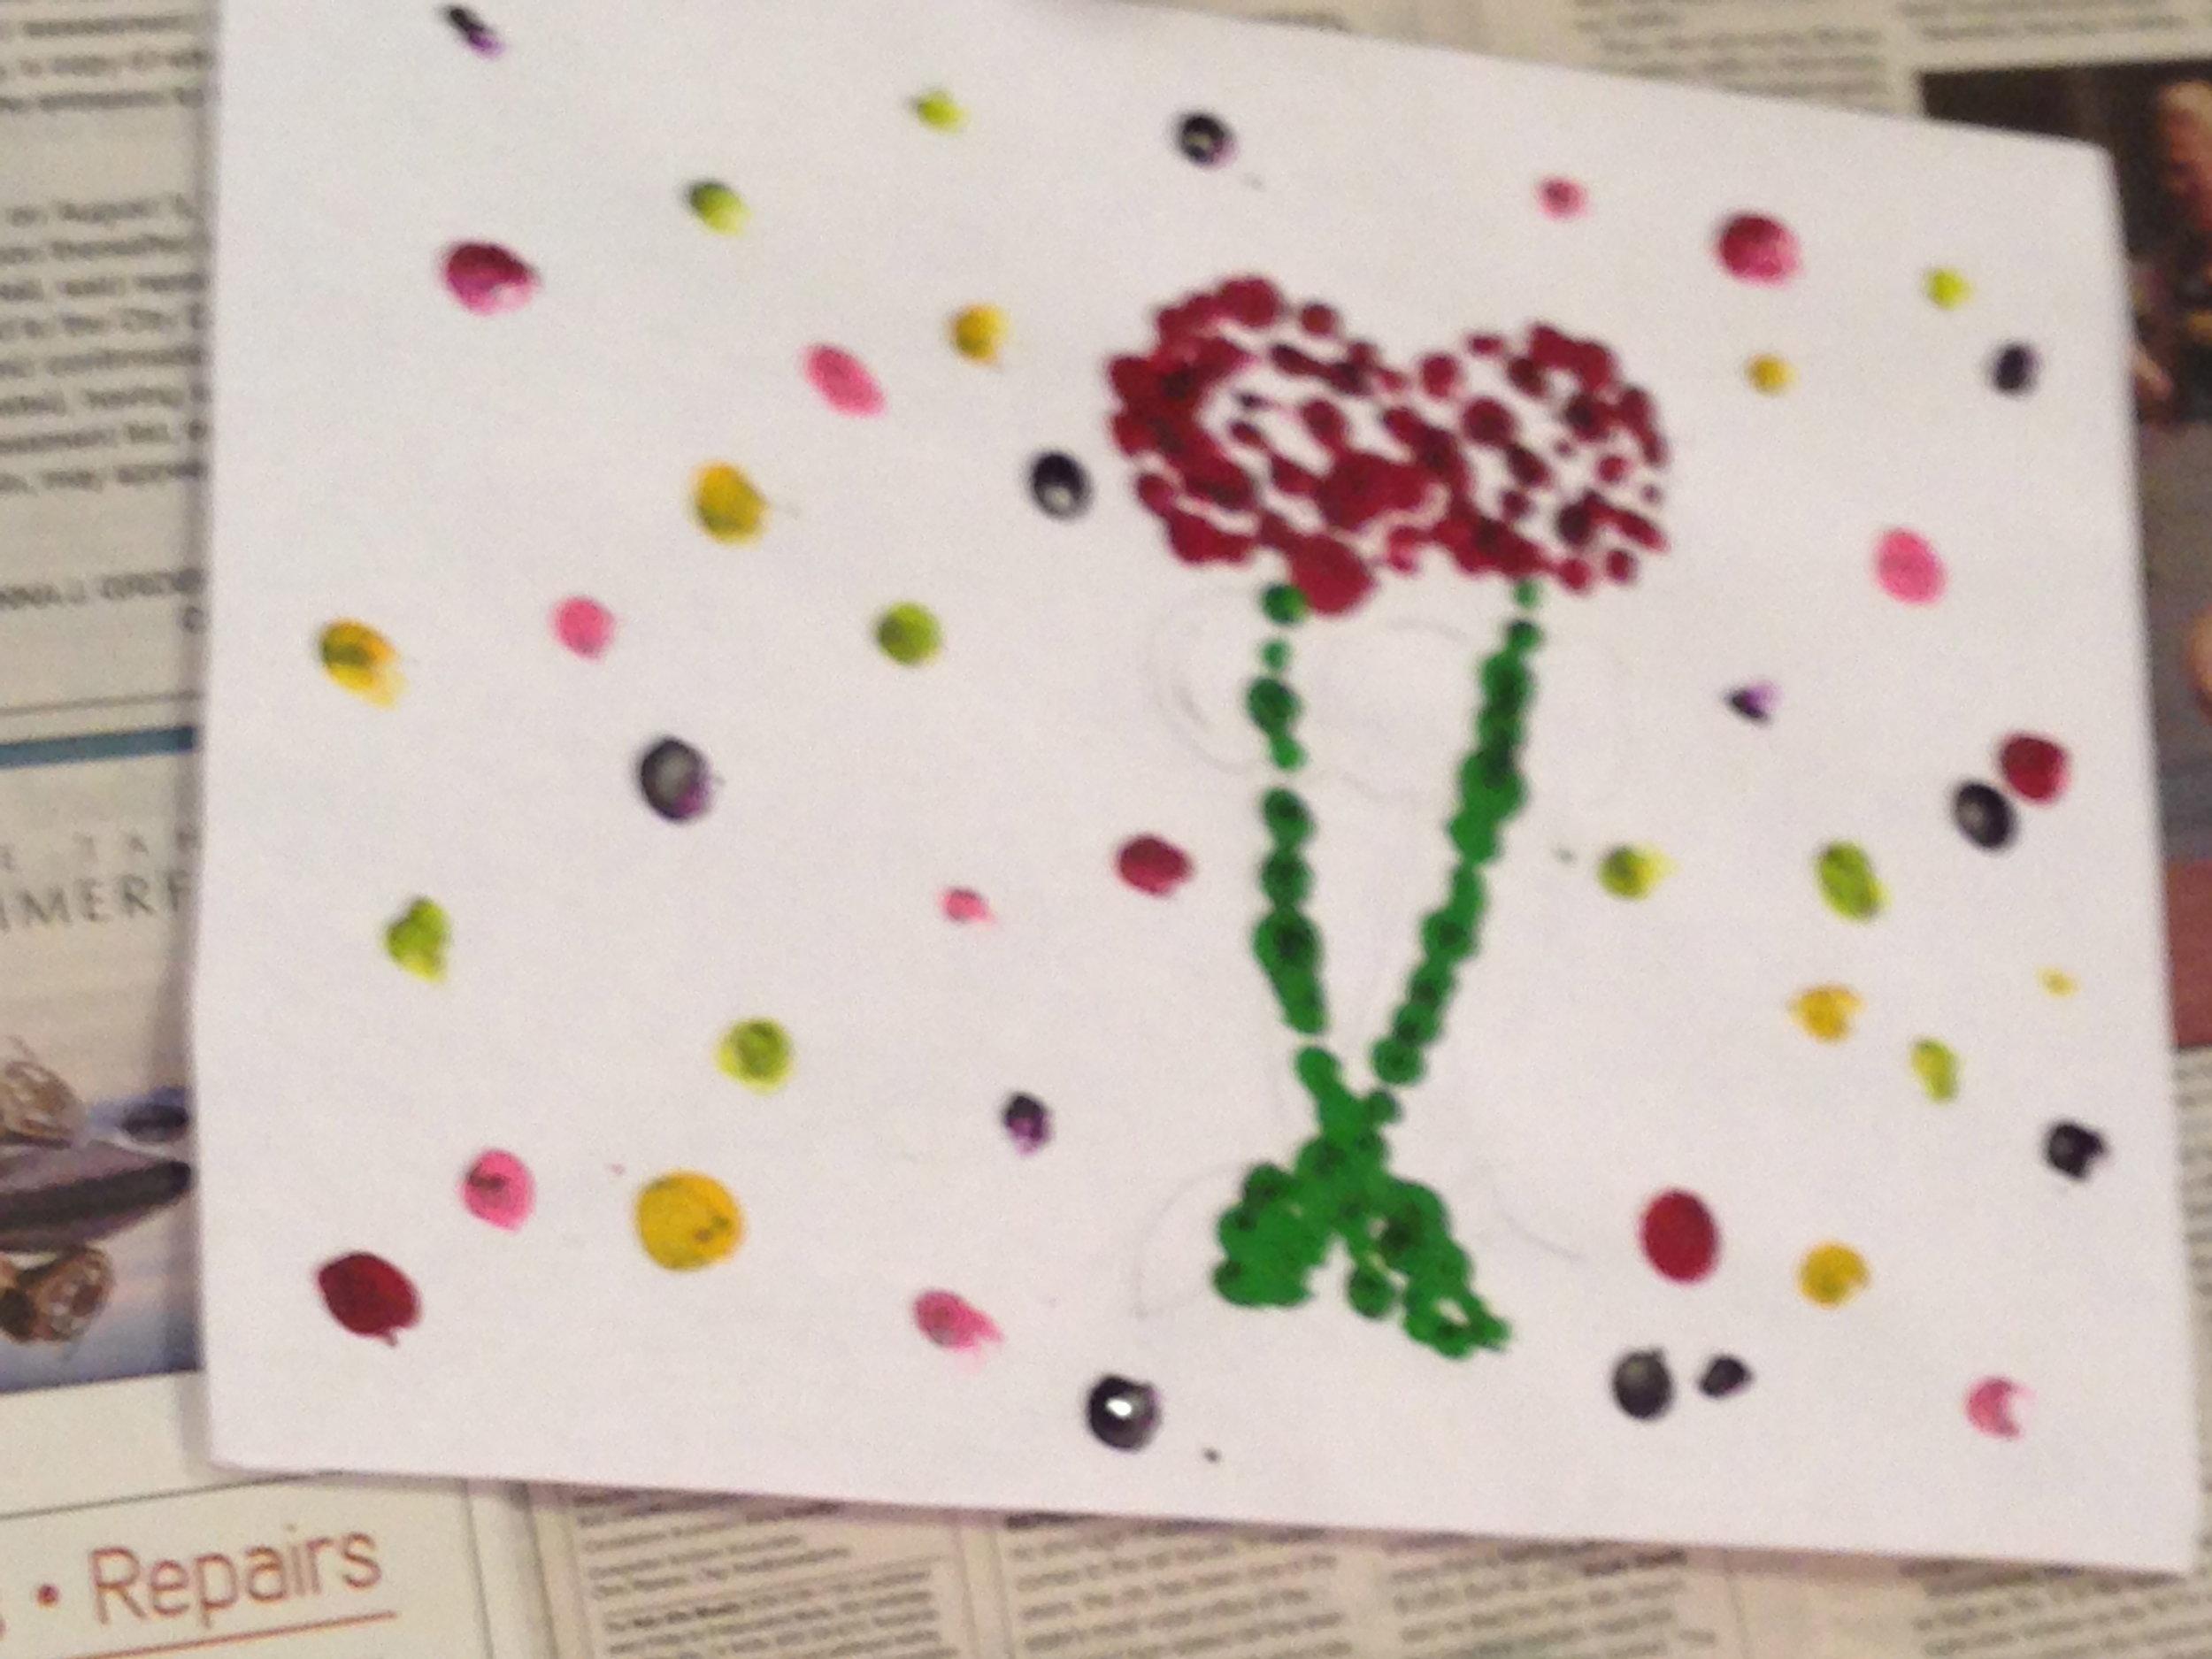 3rd grade melted crayon art